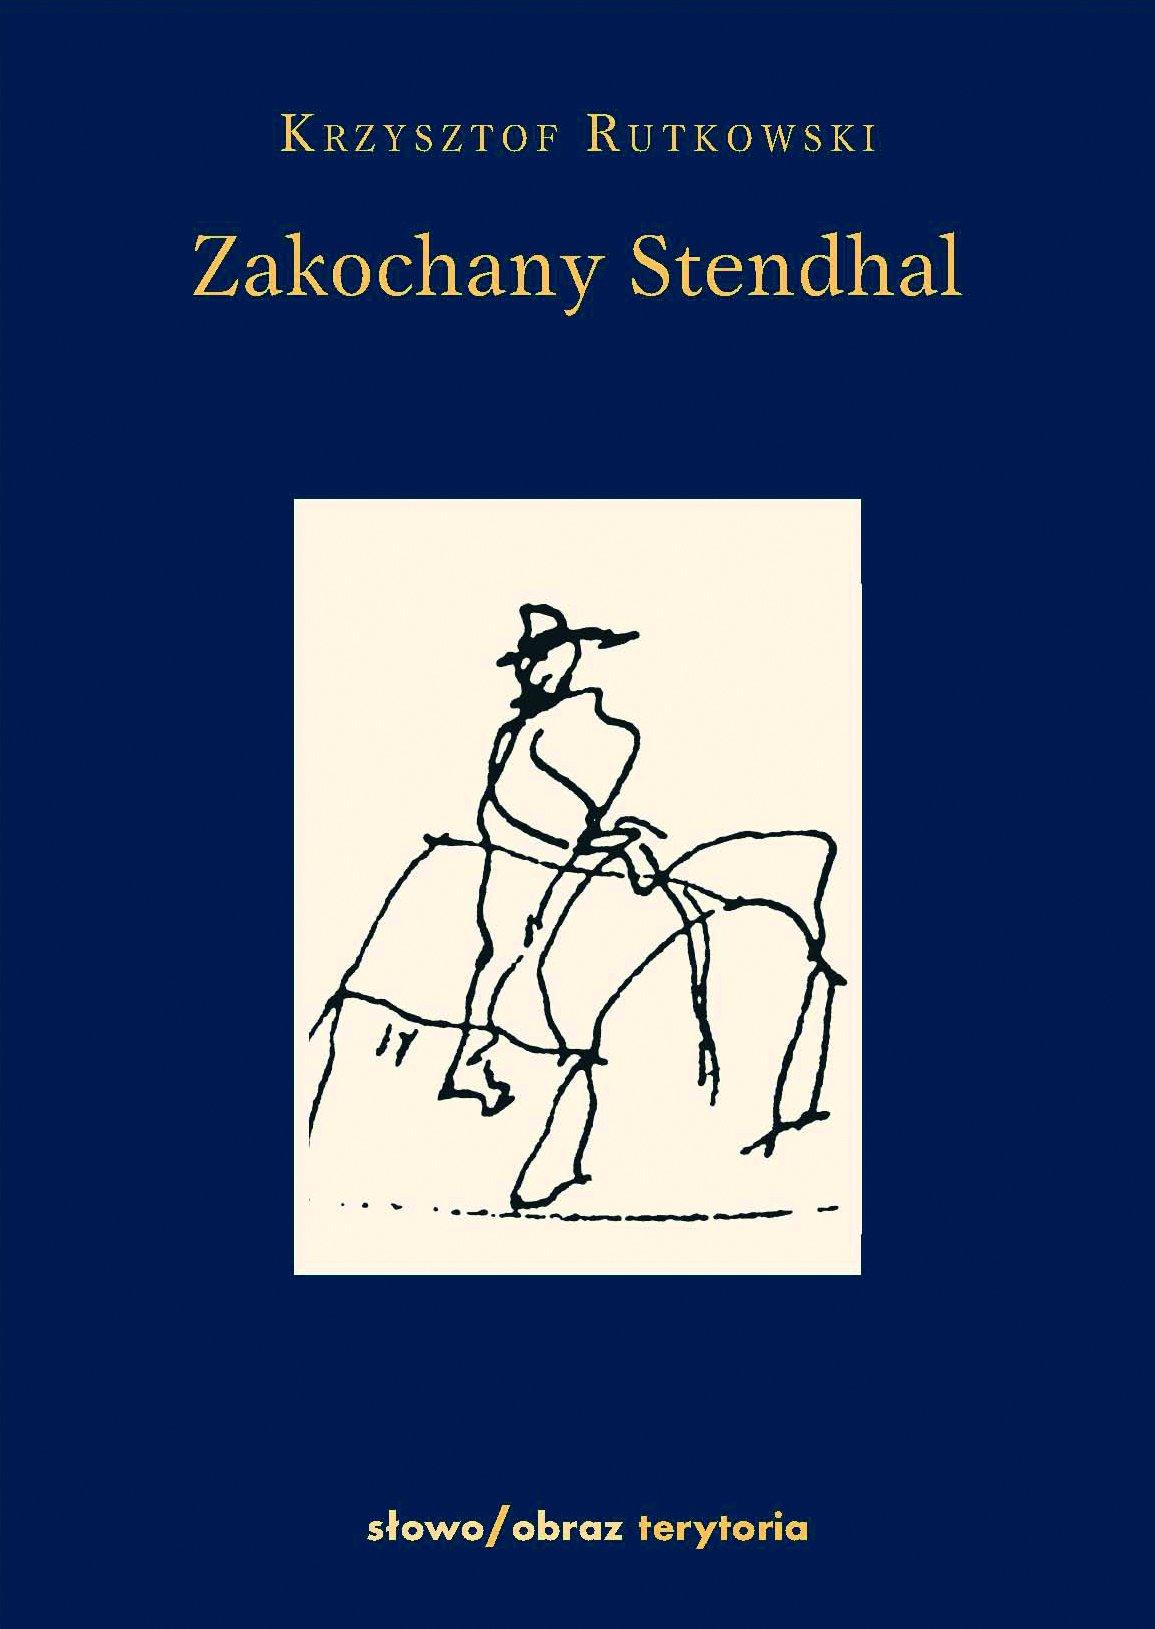 Zakochany Stendhal. Dziennik wyprawy po imię - Ebook (Książka na Kindle) do pobrania w formacie MOBI